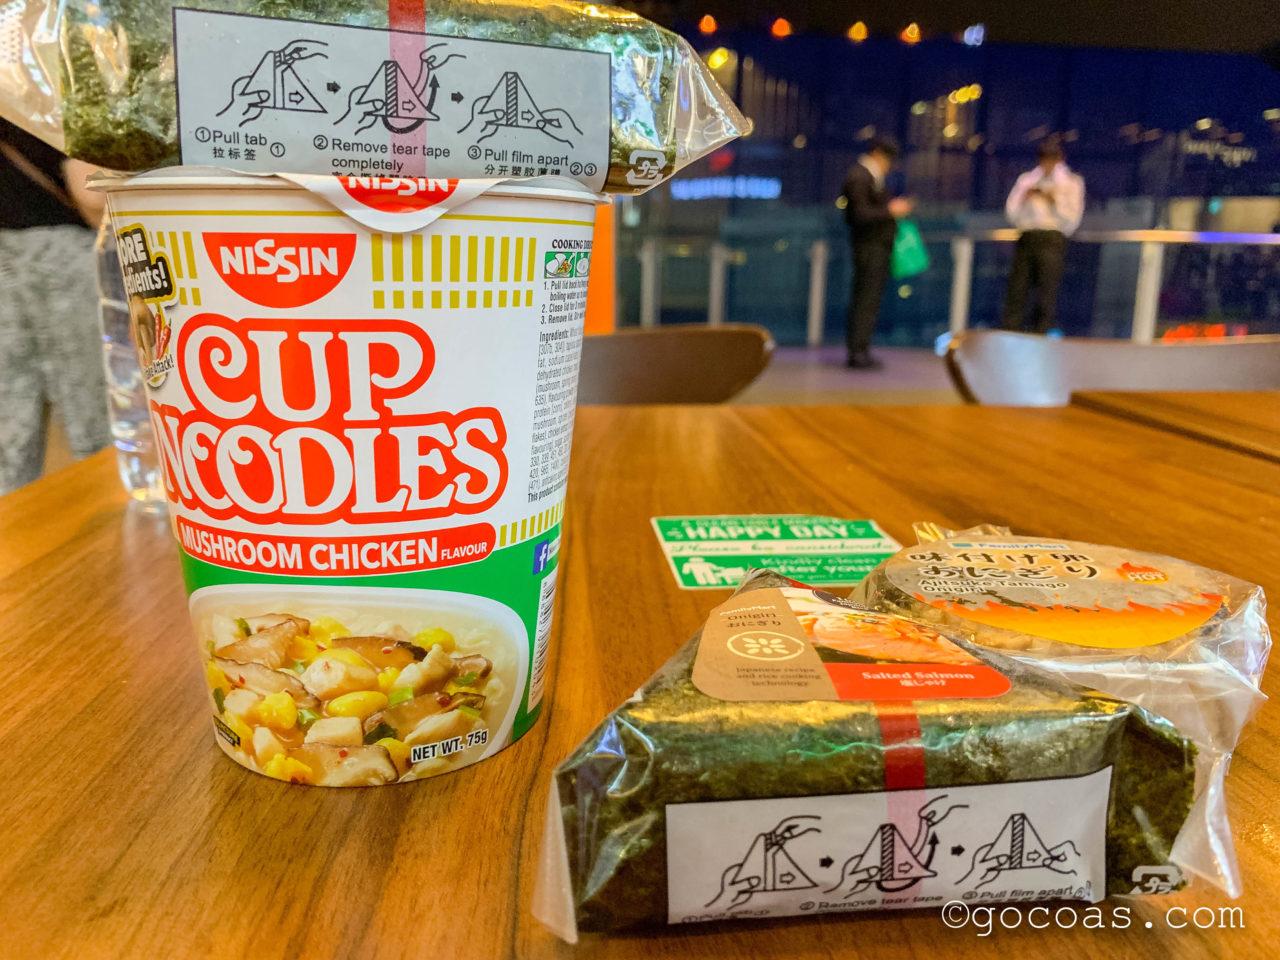 NU Sentralにあったファミリーマートで買ったおにぎりとカップ麺